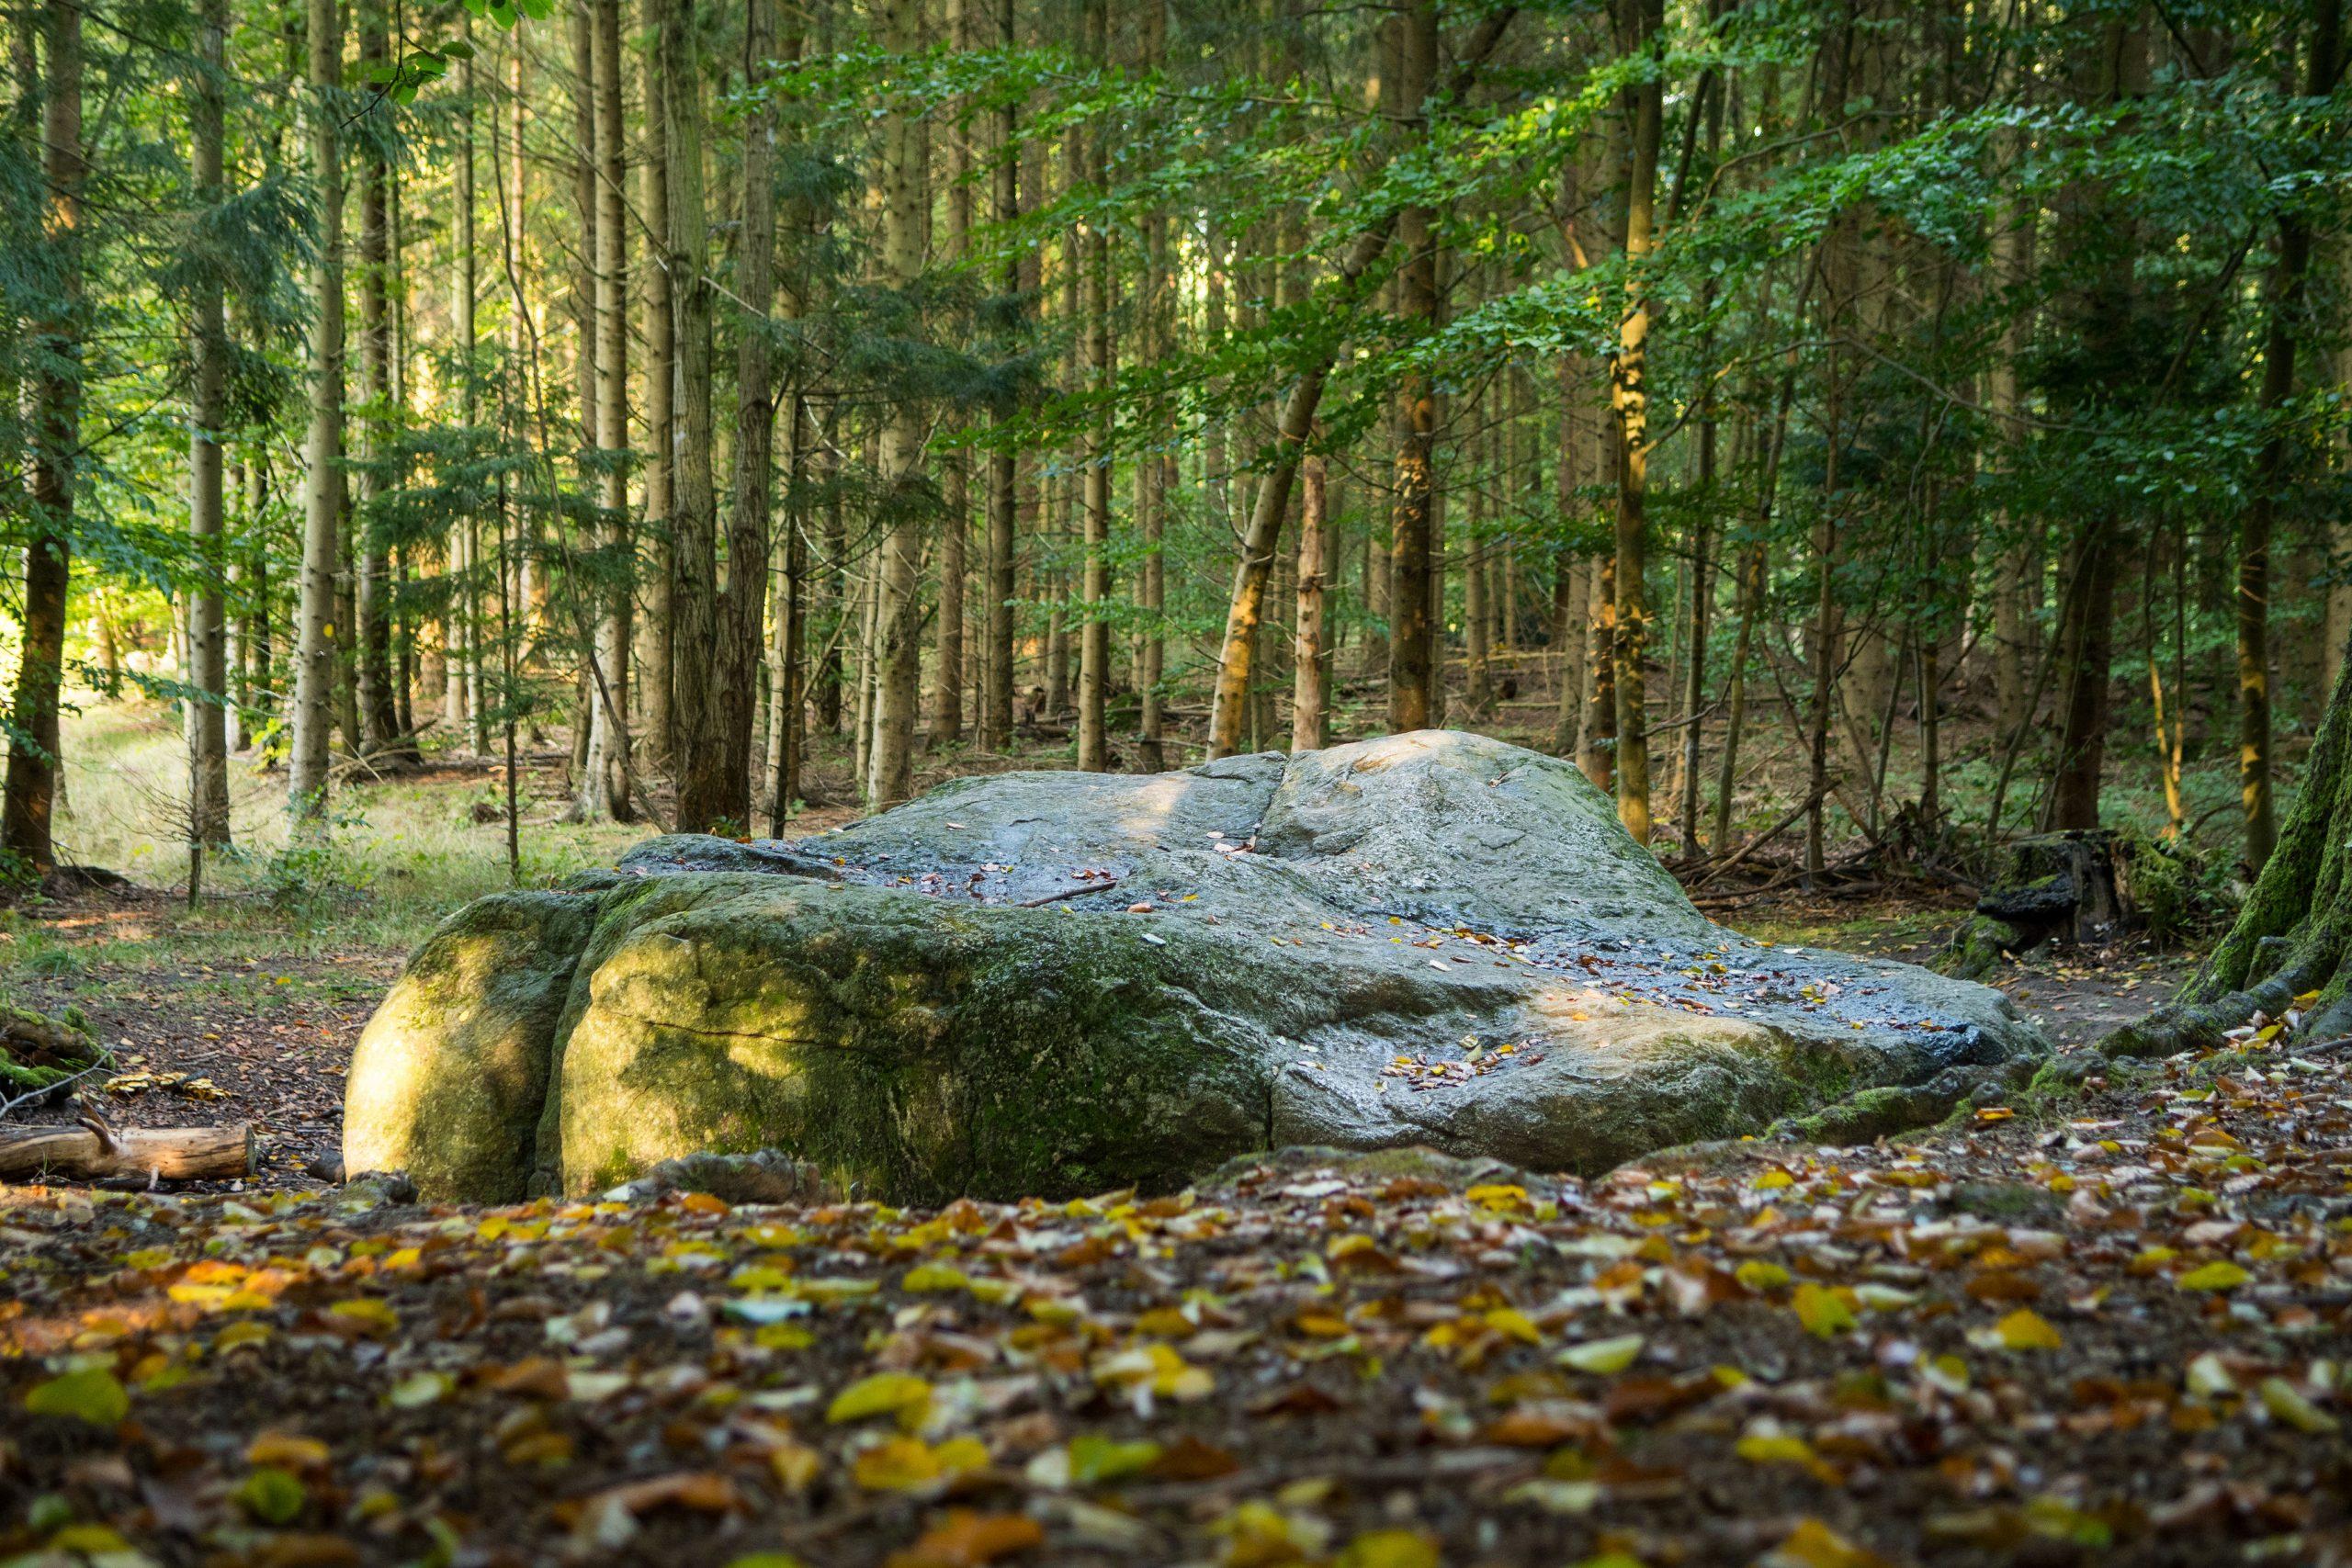 Myrestenen – Nordsjællands største vandreblok af gnejs